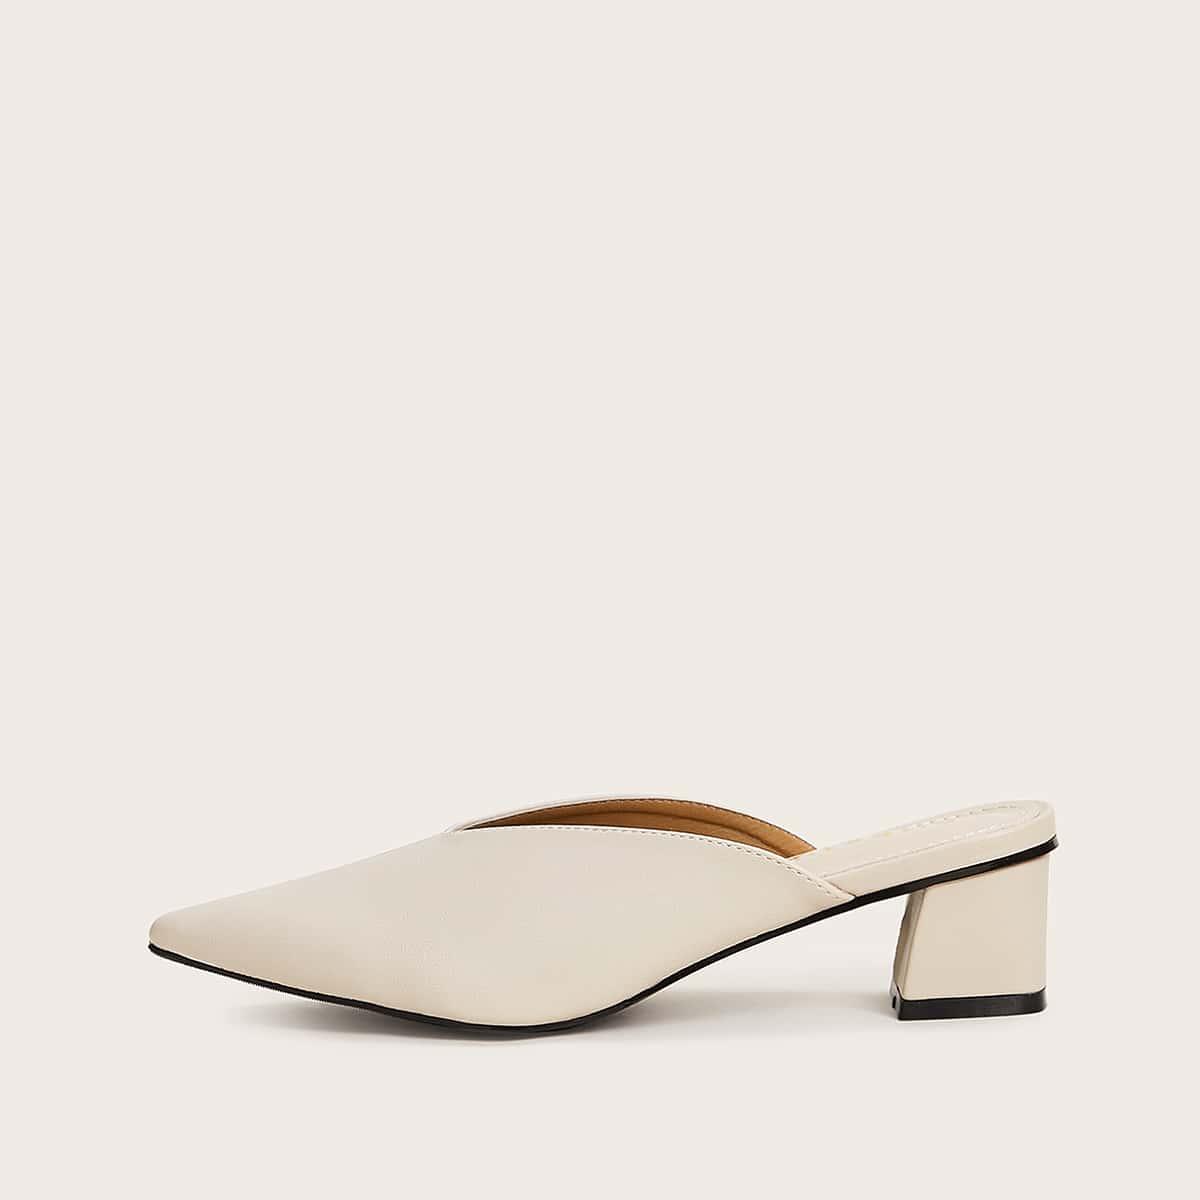 Модные Туфли Мюли С Острым Мыском На Небольшом Каблуке от SHEIN